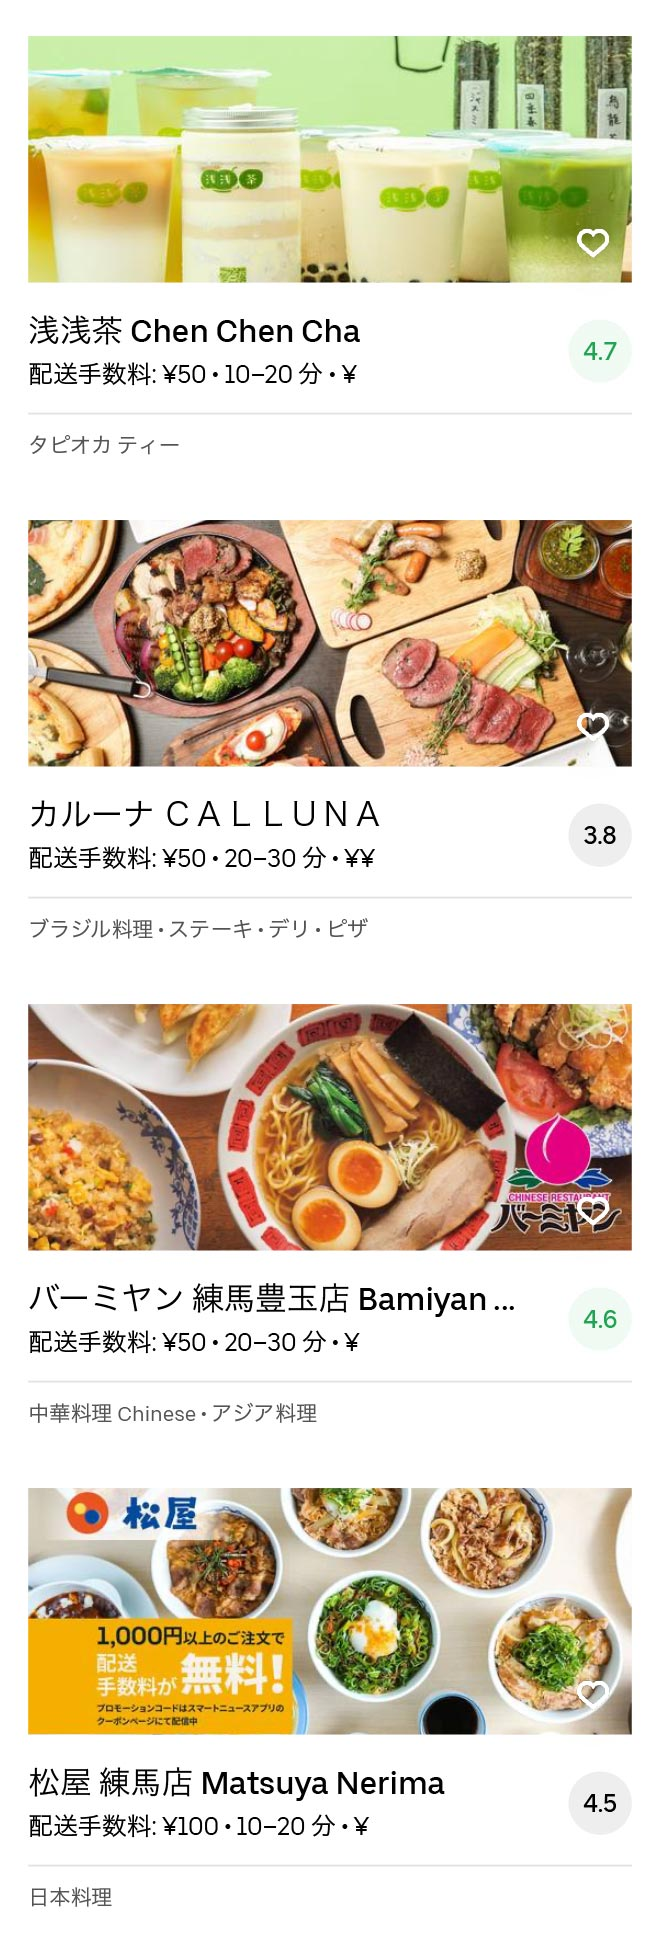 Tokyo nerima menu 2005 08